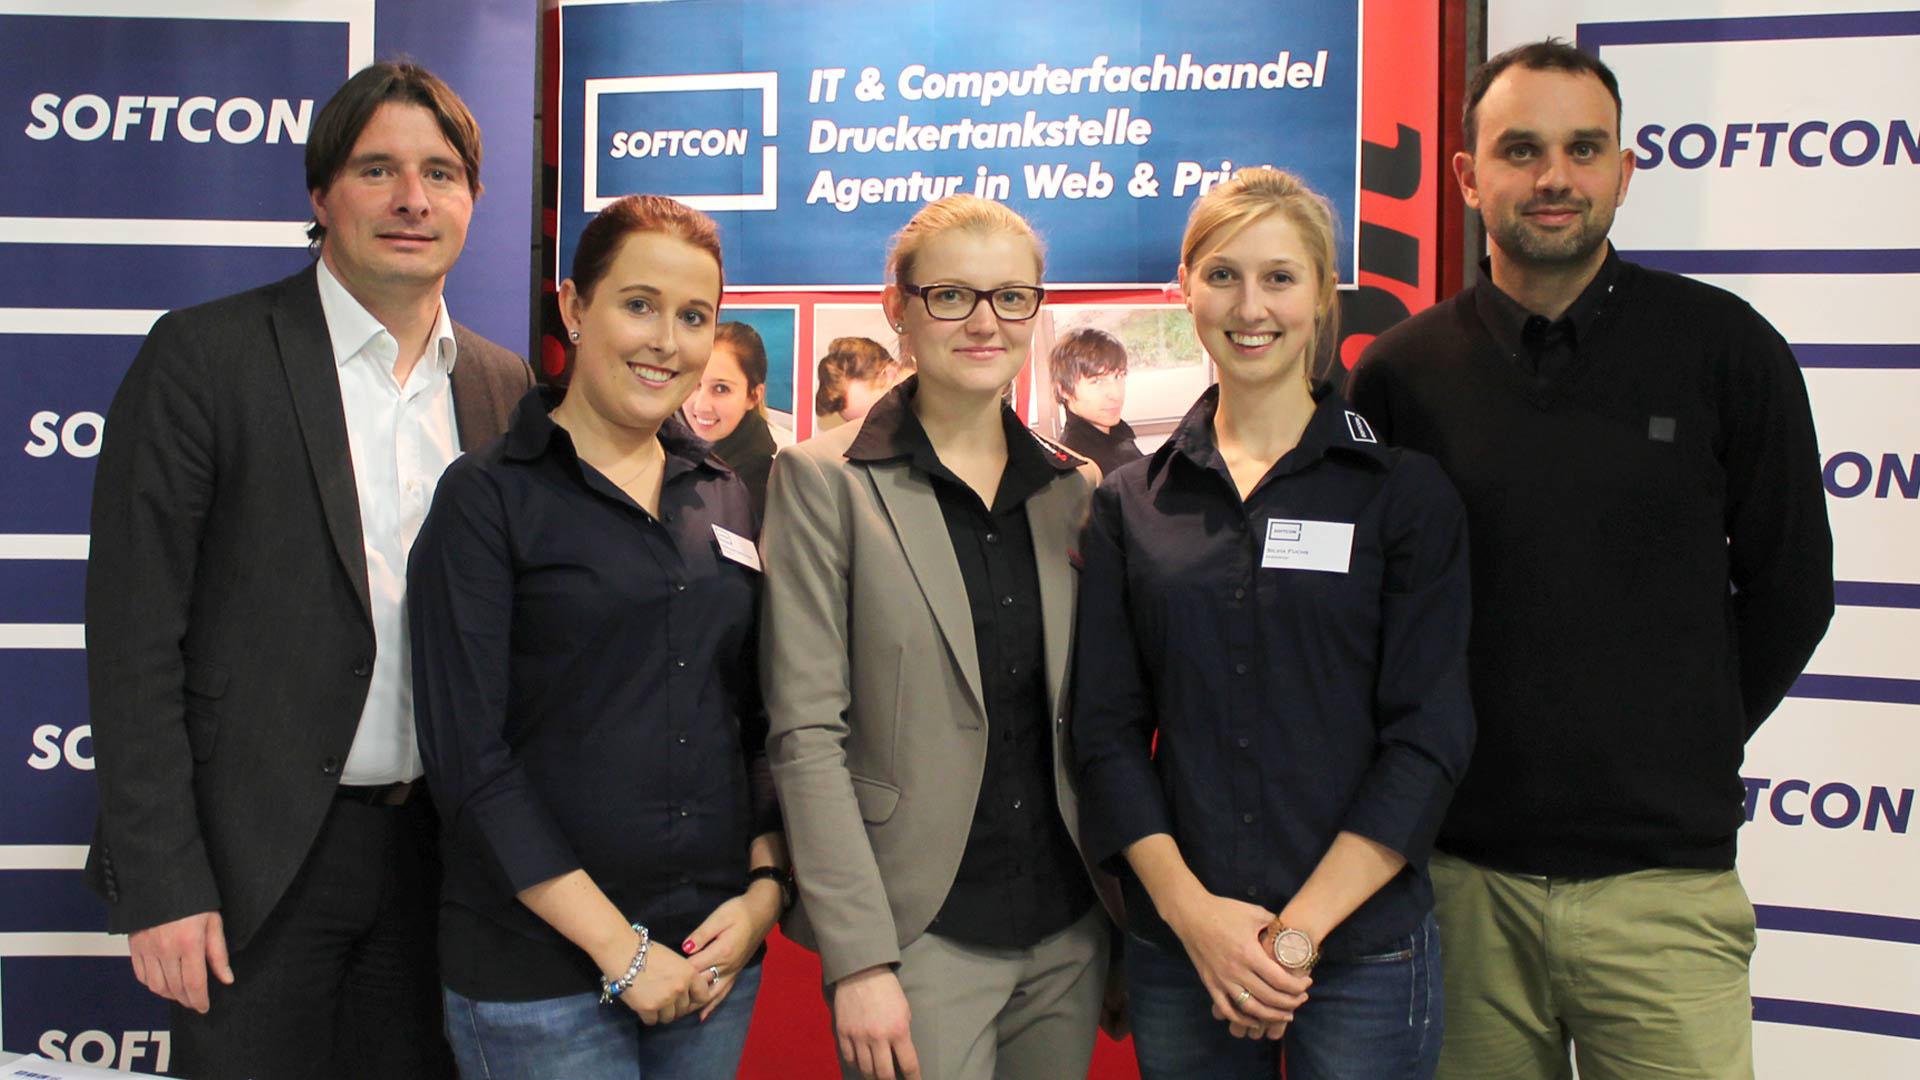 Die SOFTCON auf der Berufsinformationsmesse in St. Johann